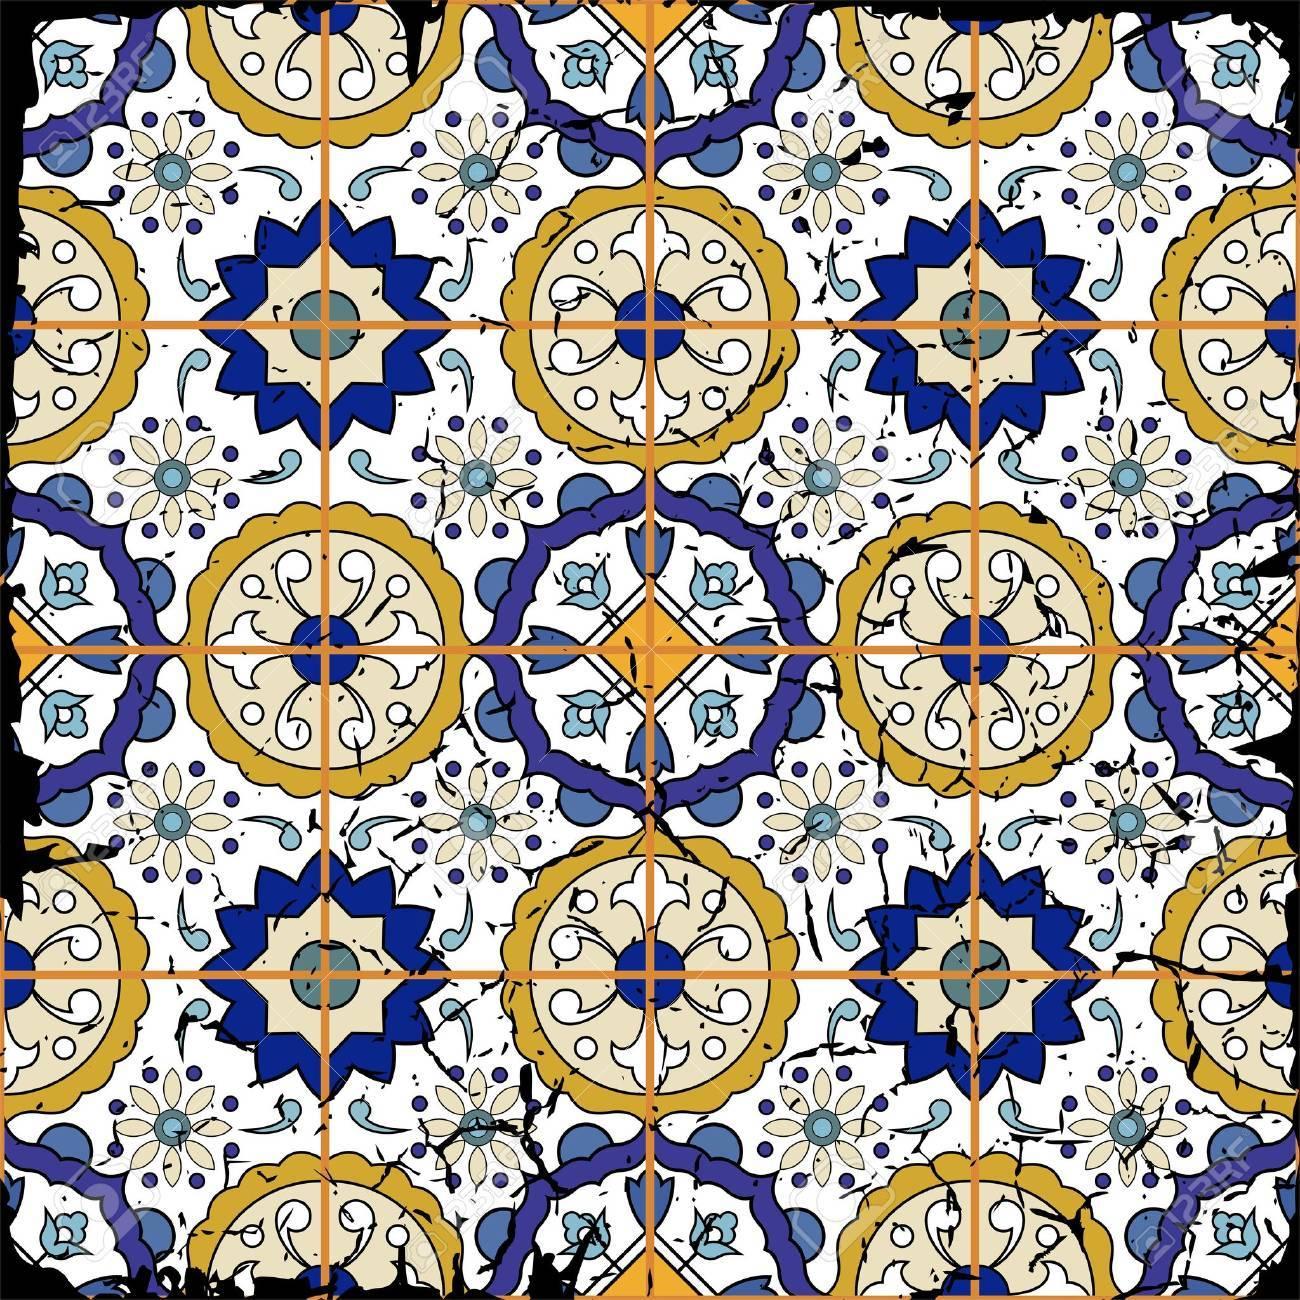 不潔なモロッコのタイル 装飾品から豪華なシームレスなパッチワークのパターン Web ページの背景テクスチャ パターンの塗りつぶしの壁紙に使用できます グランジ効果を削除することができます のイラスト素材 ベクタ Image